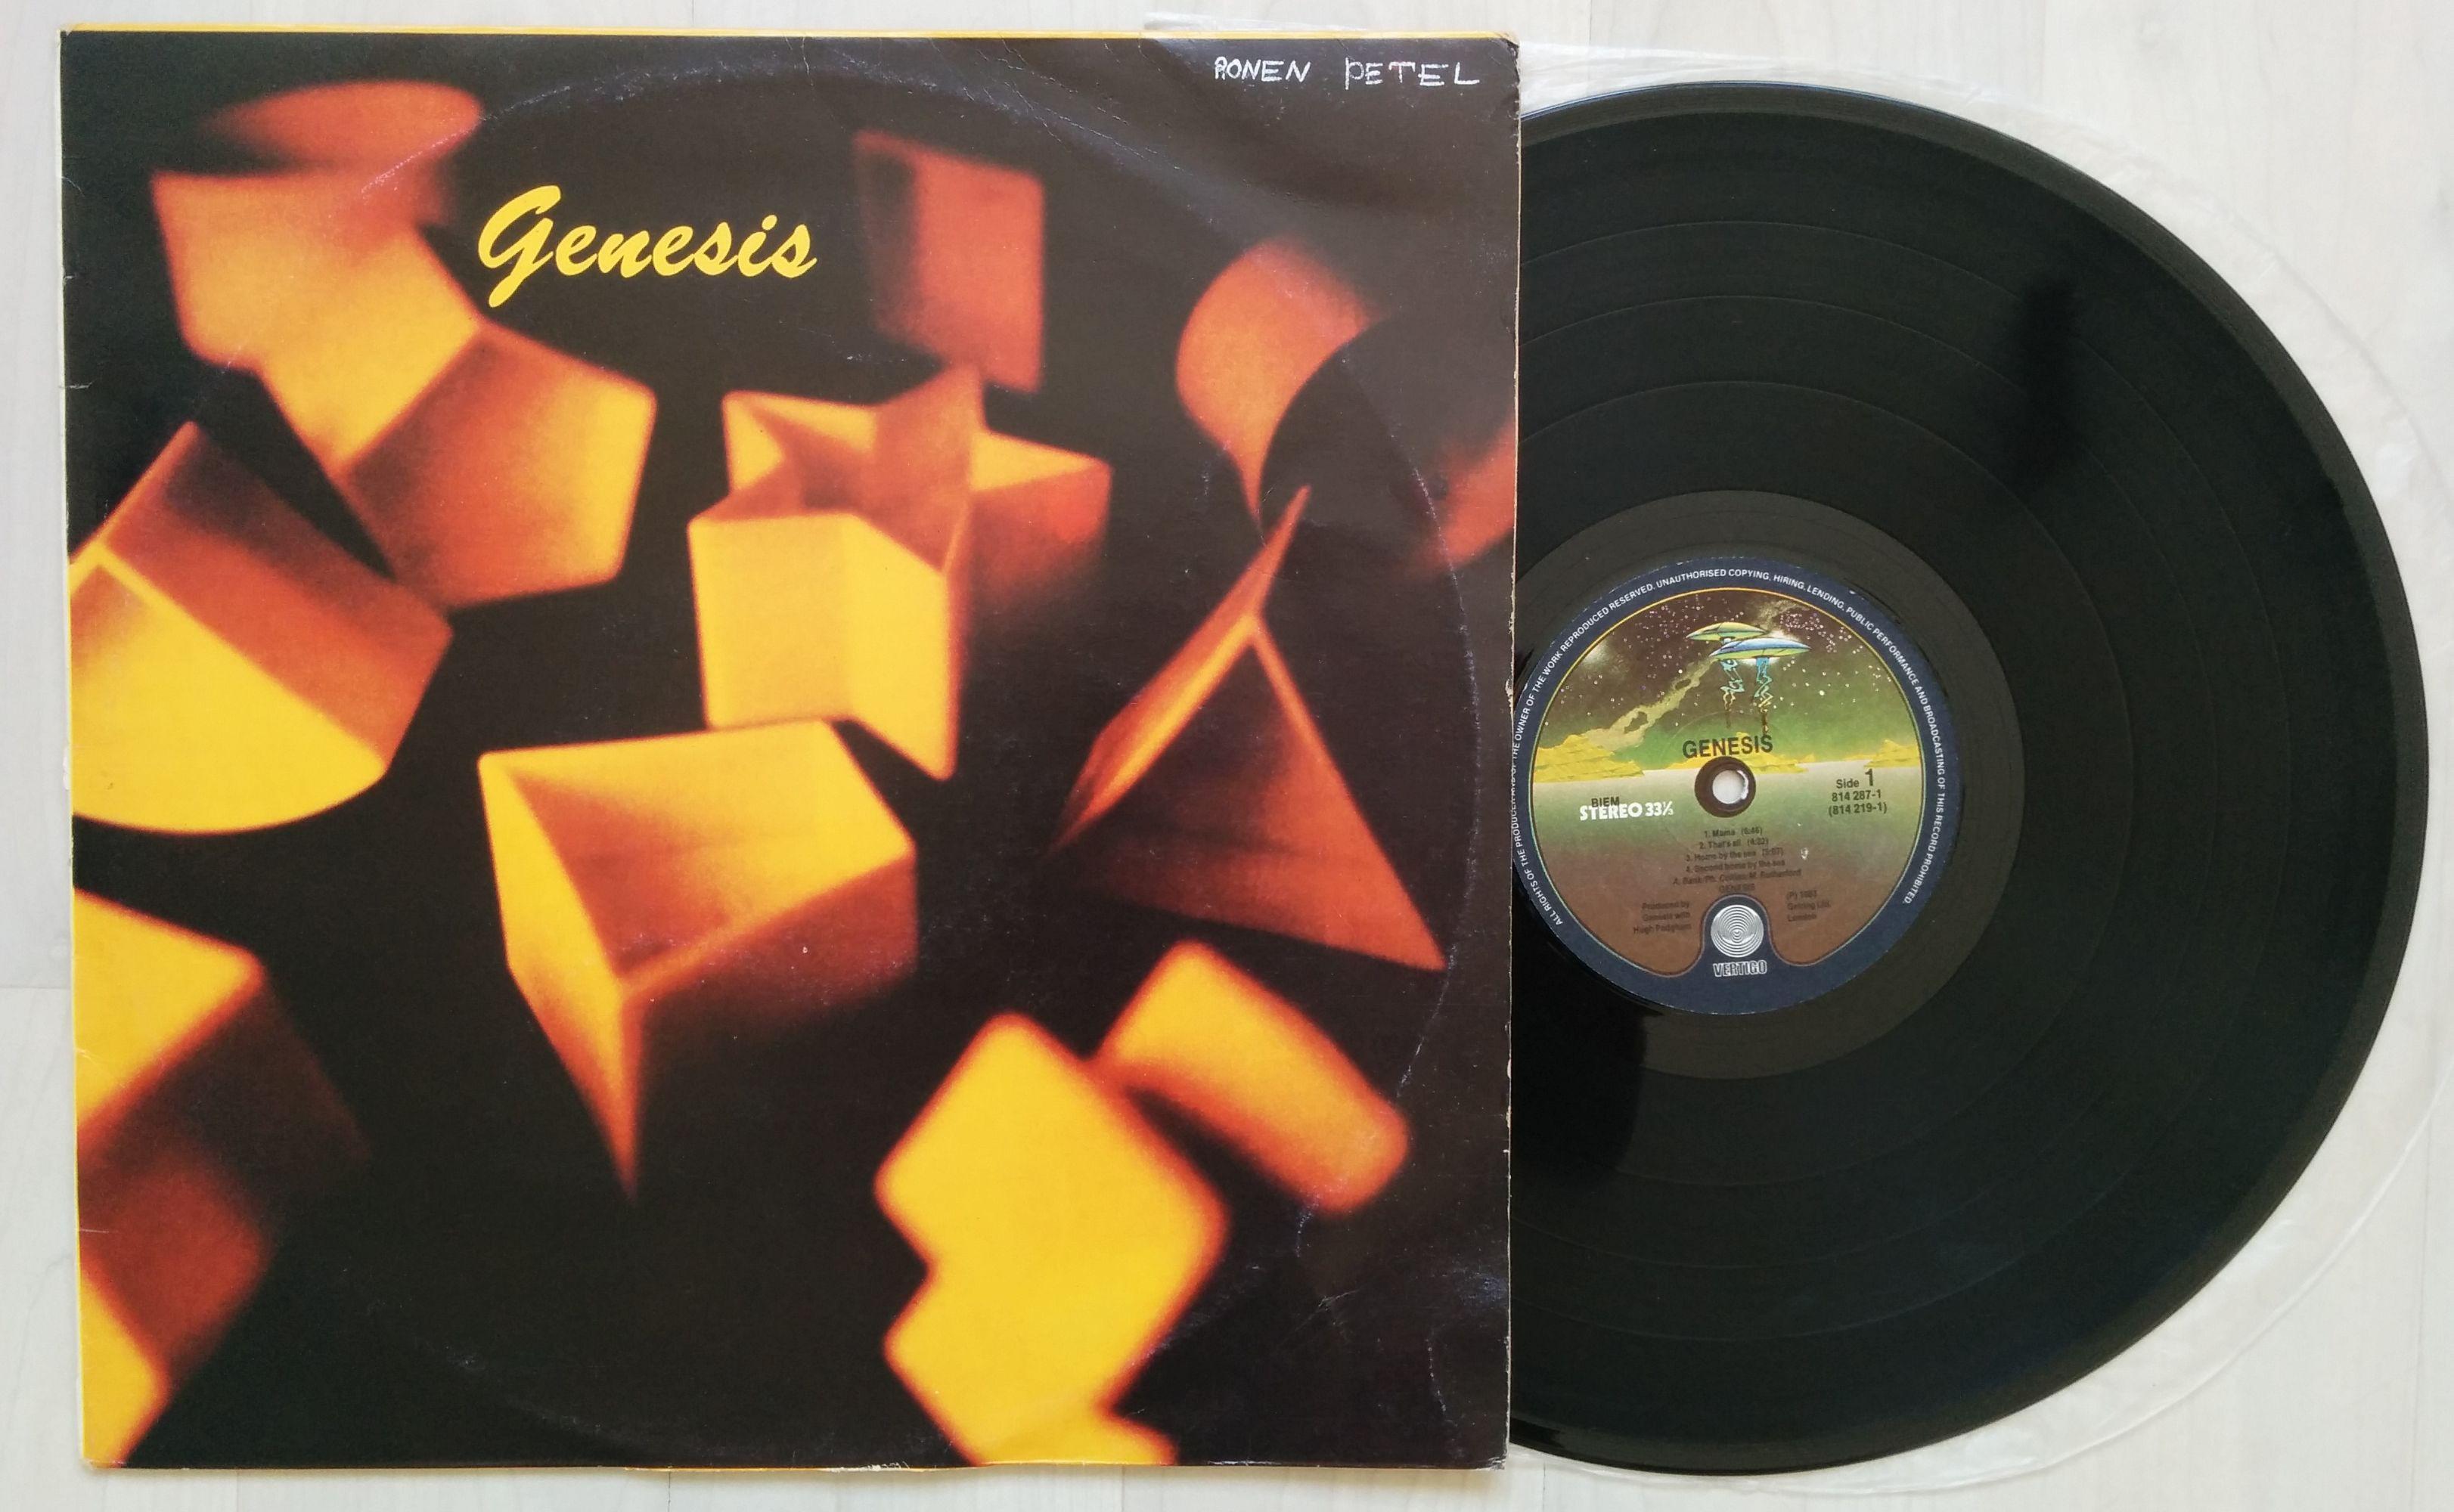 GENESIS - Genesis (vertigo Spaceship Label (small Writing On Cover))